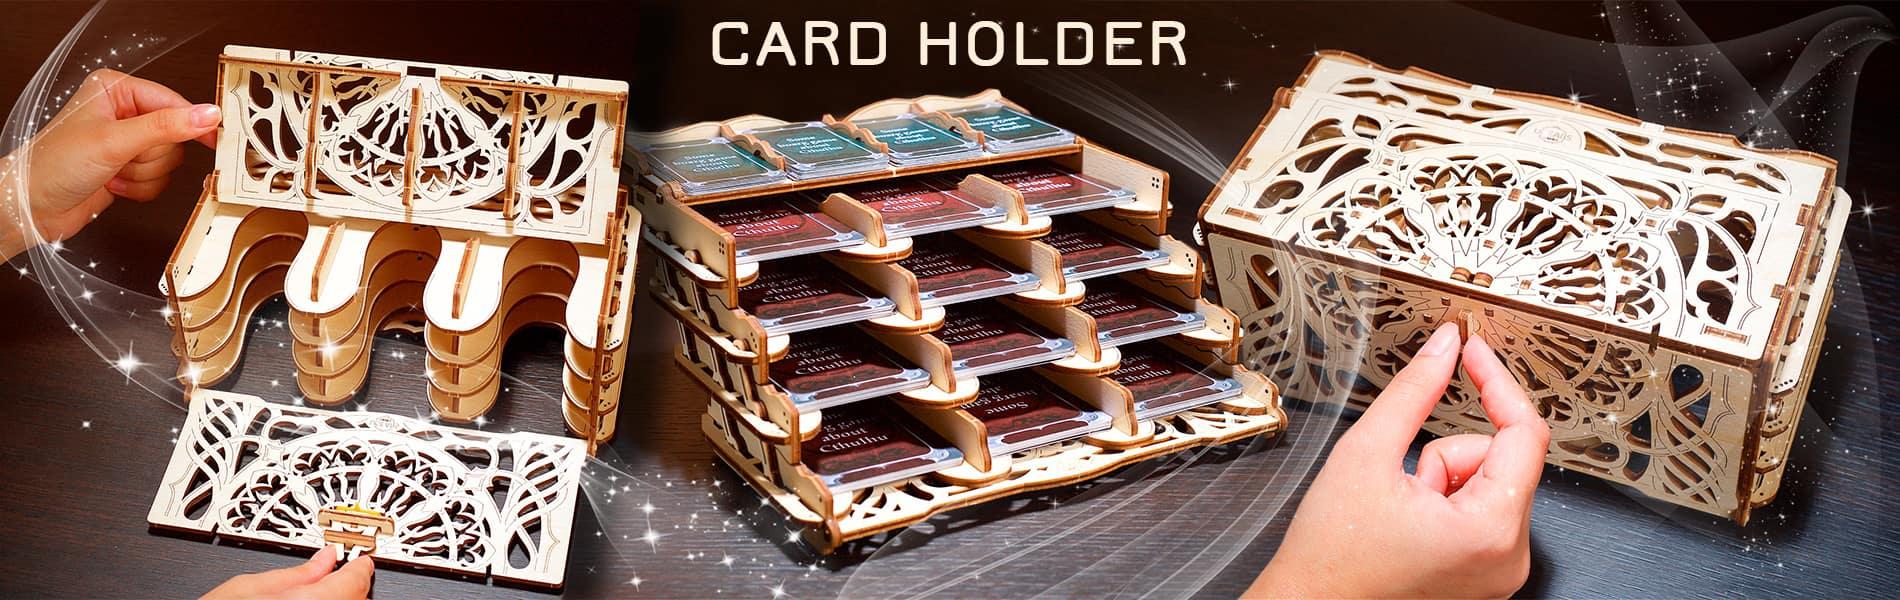 Card Holder: устройство для хранения игральных карт (Ugears Games)